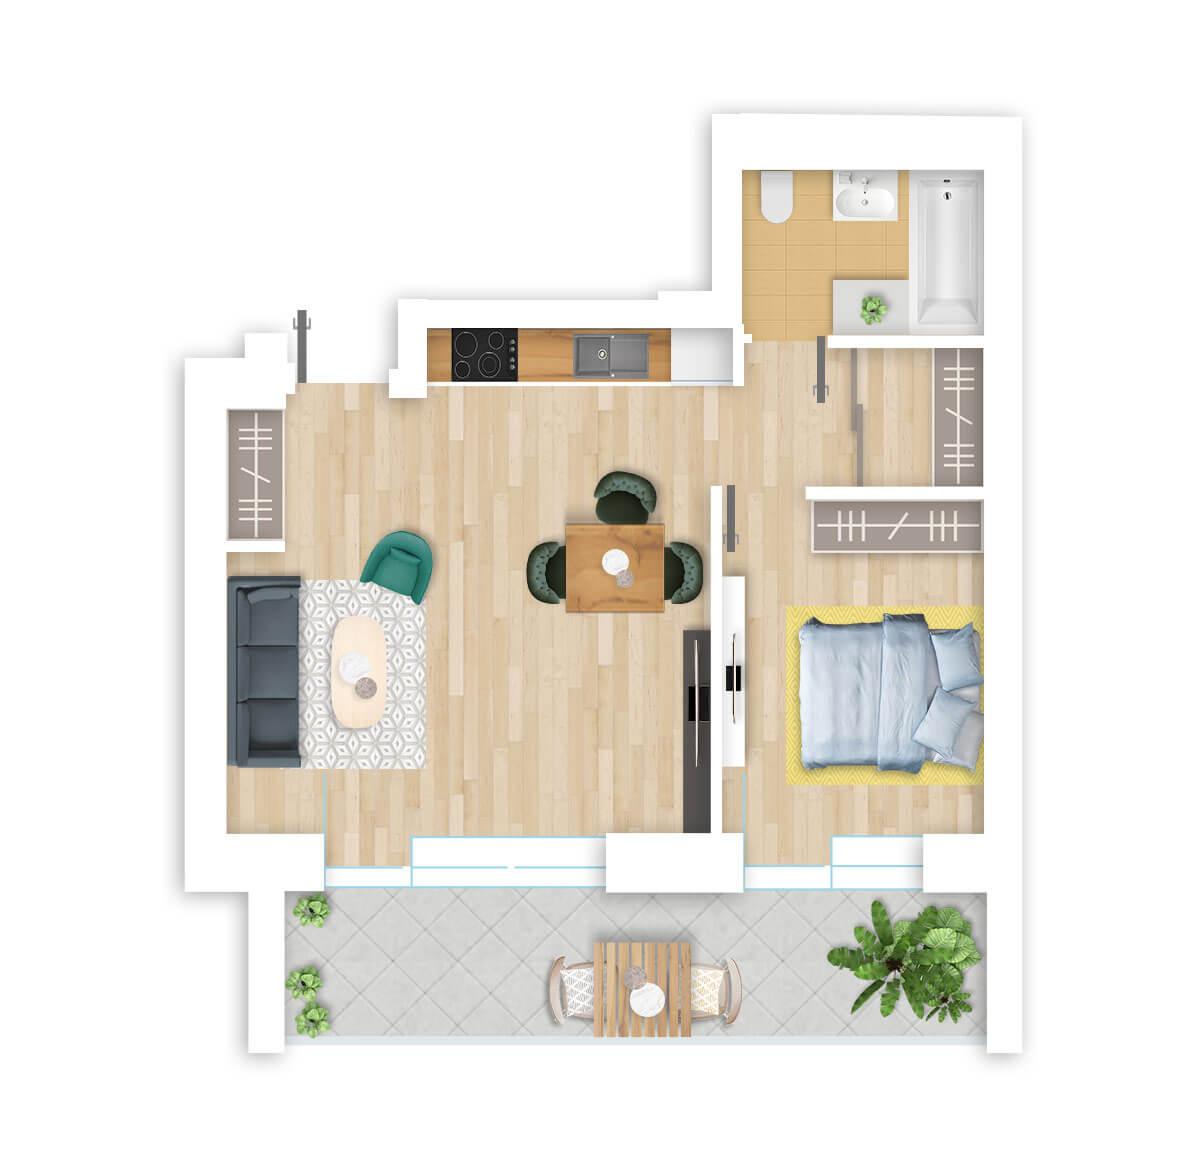 parduodamas butas Lazdynėlių g. 16A - 6 Vilniuje, buto 3D vaizdas